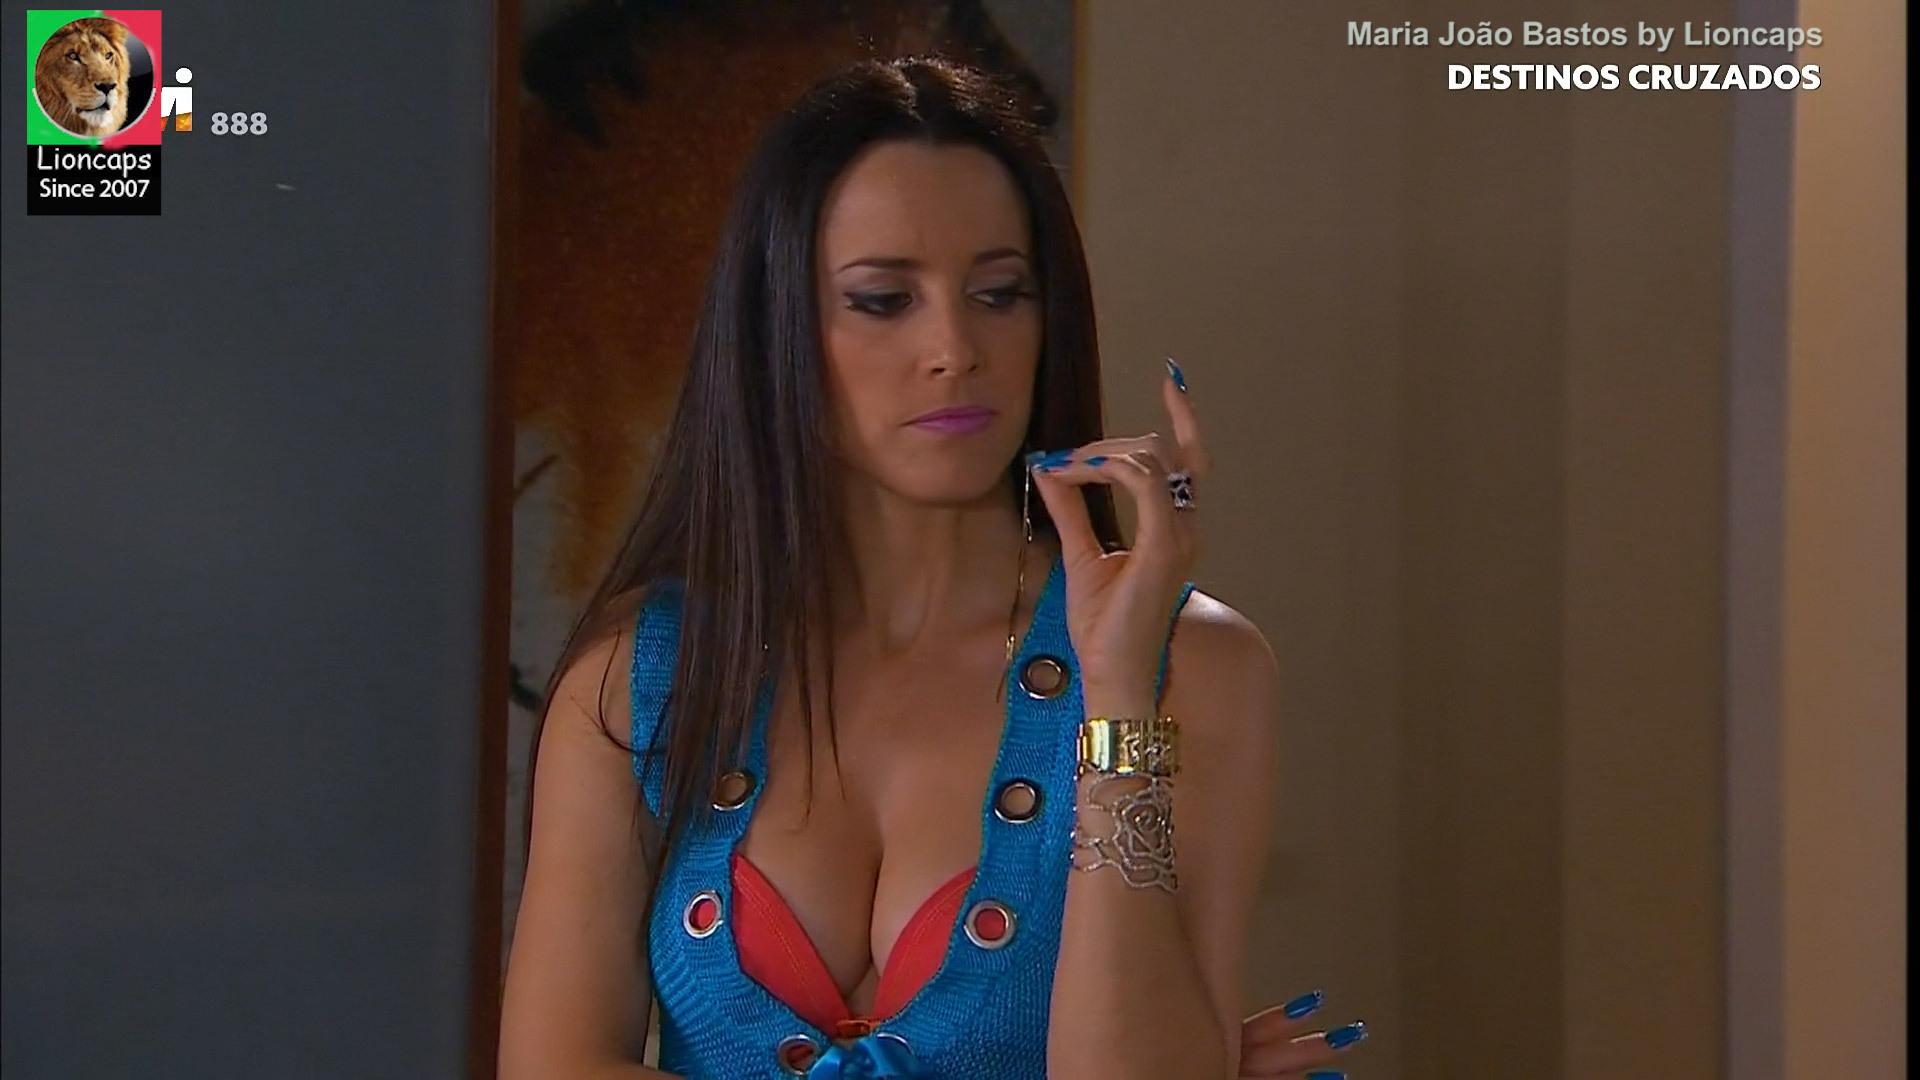 maria_joao_bastos (17).jpg